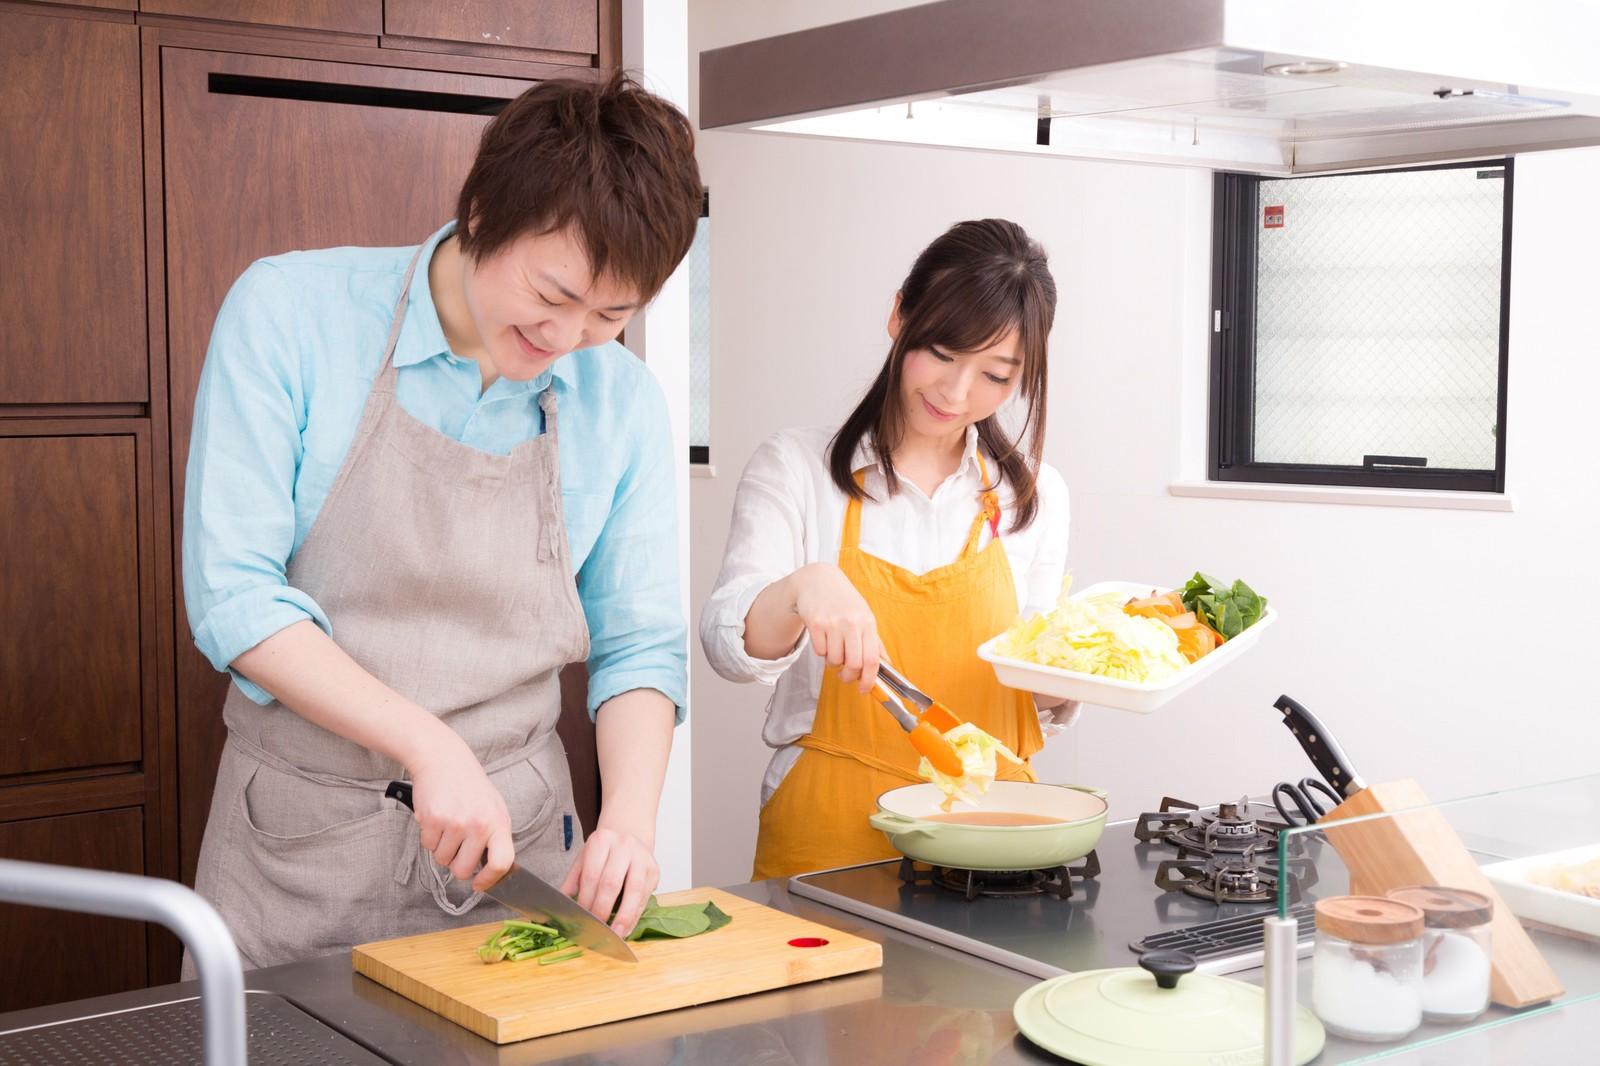 結婚相手は「仕事も家事も出来る人」が良いと思った理由…どちらの立場も理解出来て思いやりが出来るから